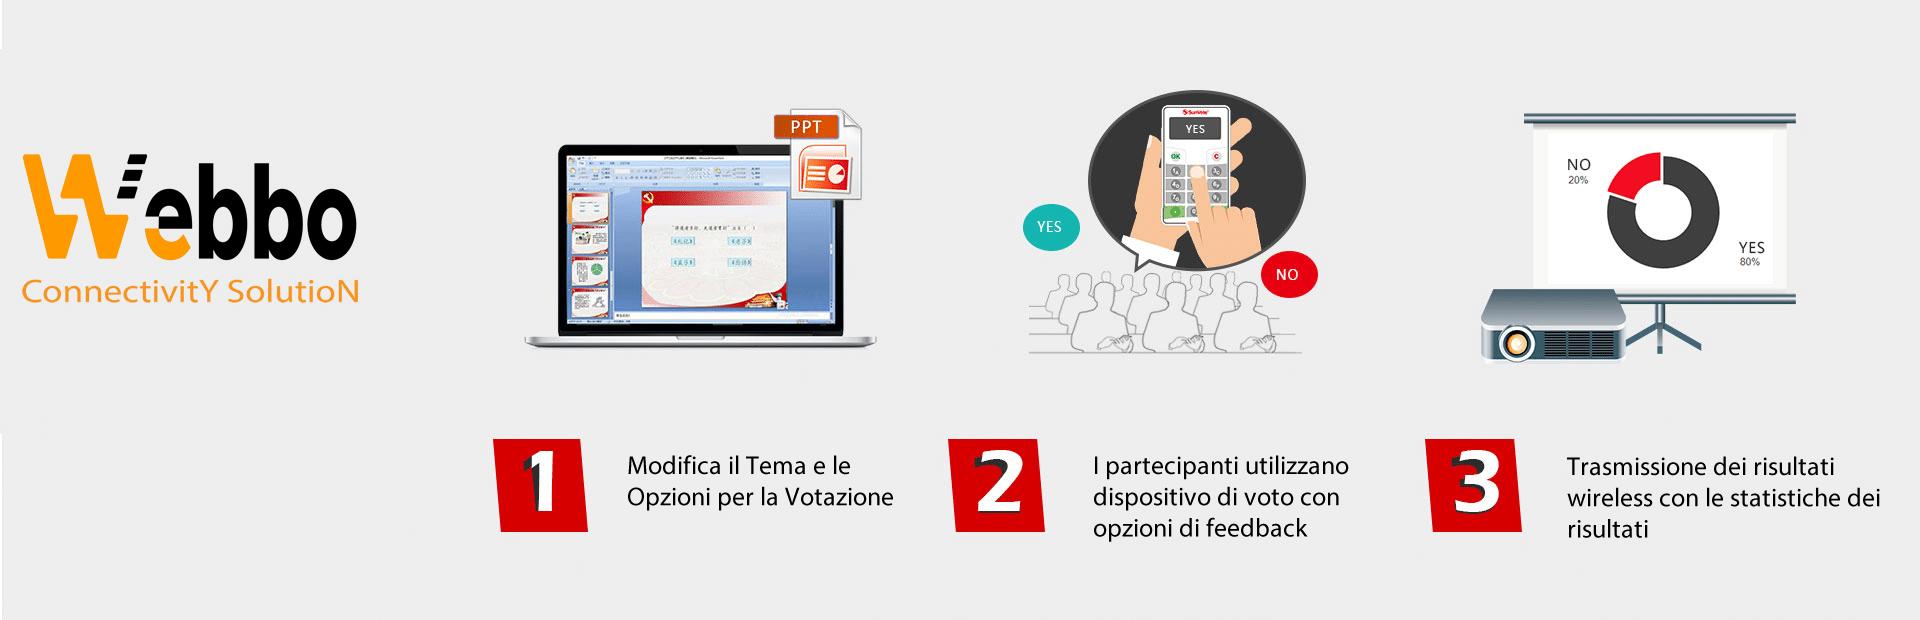 Sistema Voto Valutazione Elettronica Scuole Aziende